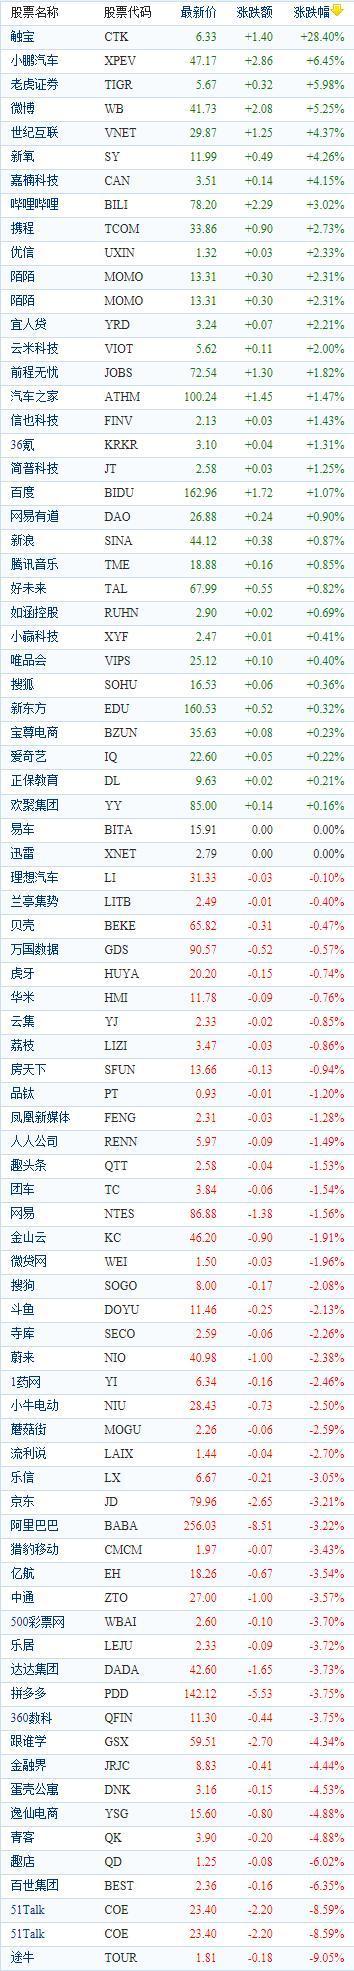 中国概念股周一收盘涨跌互现 途牛下跌9.05%